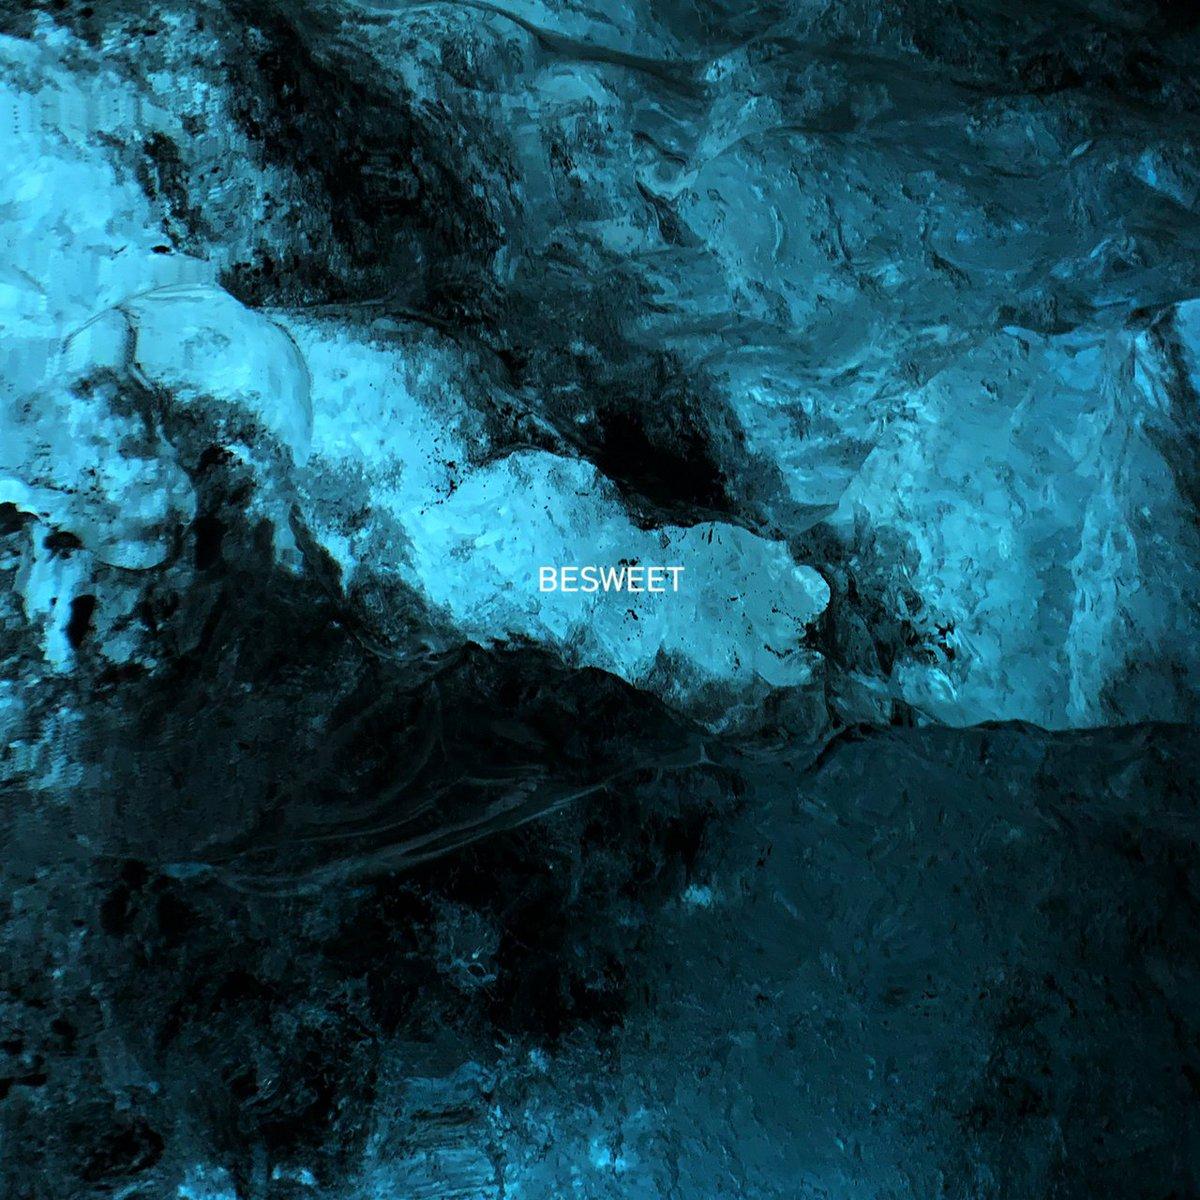 🗨 | 비스윗 (BESWEET) - 잠들때까지만 | MP3 + FLAC | Uptobox